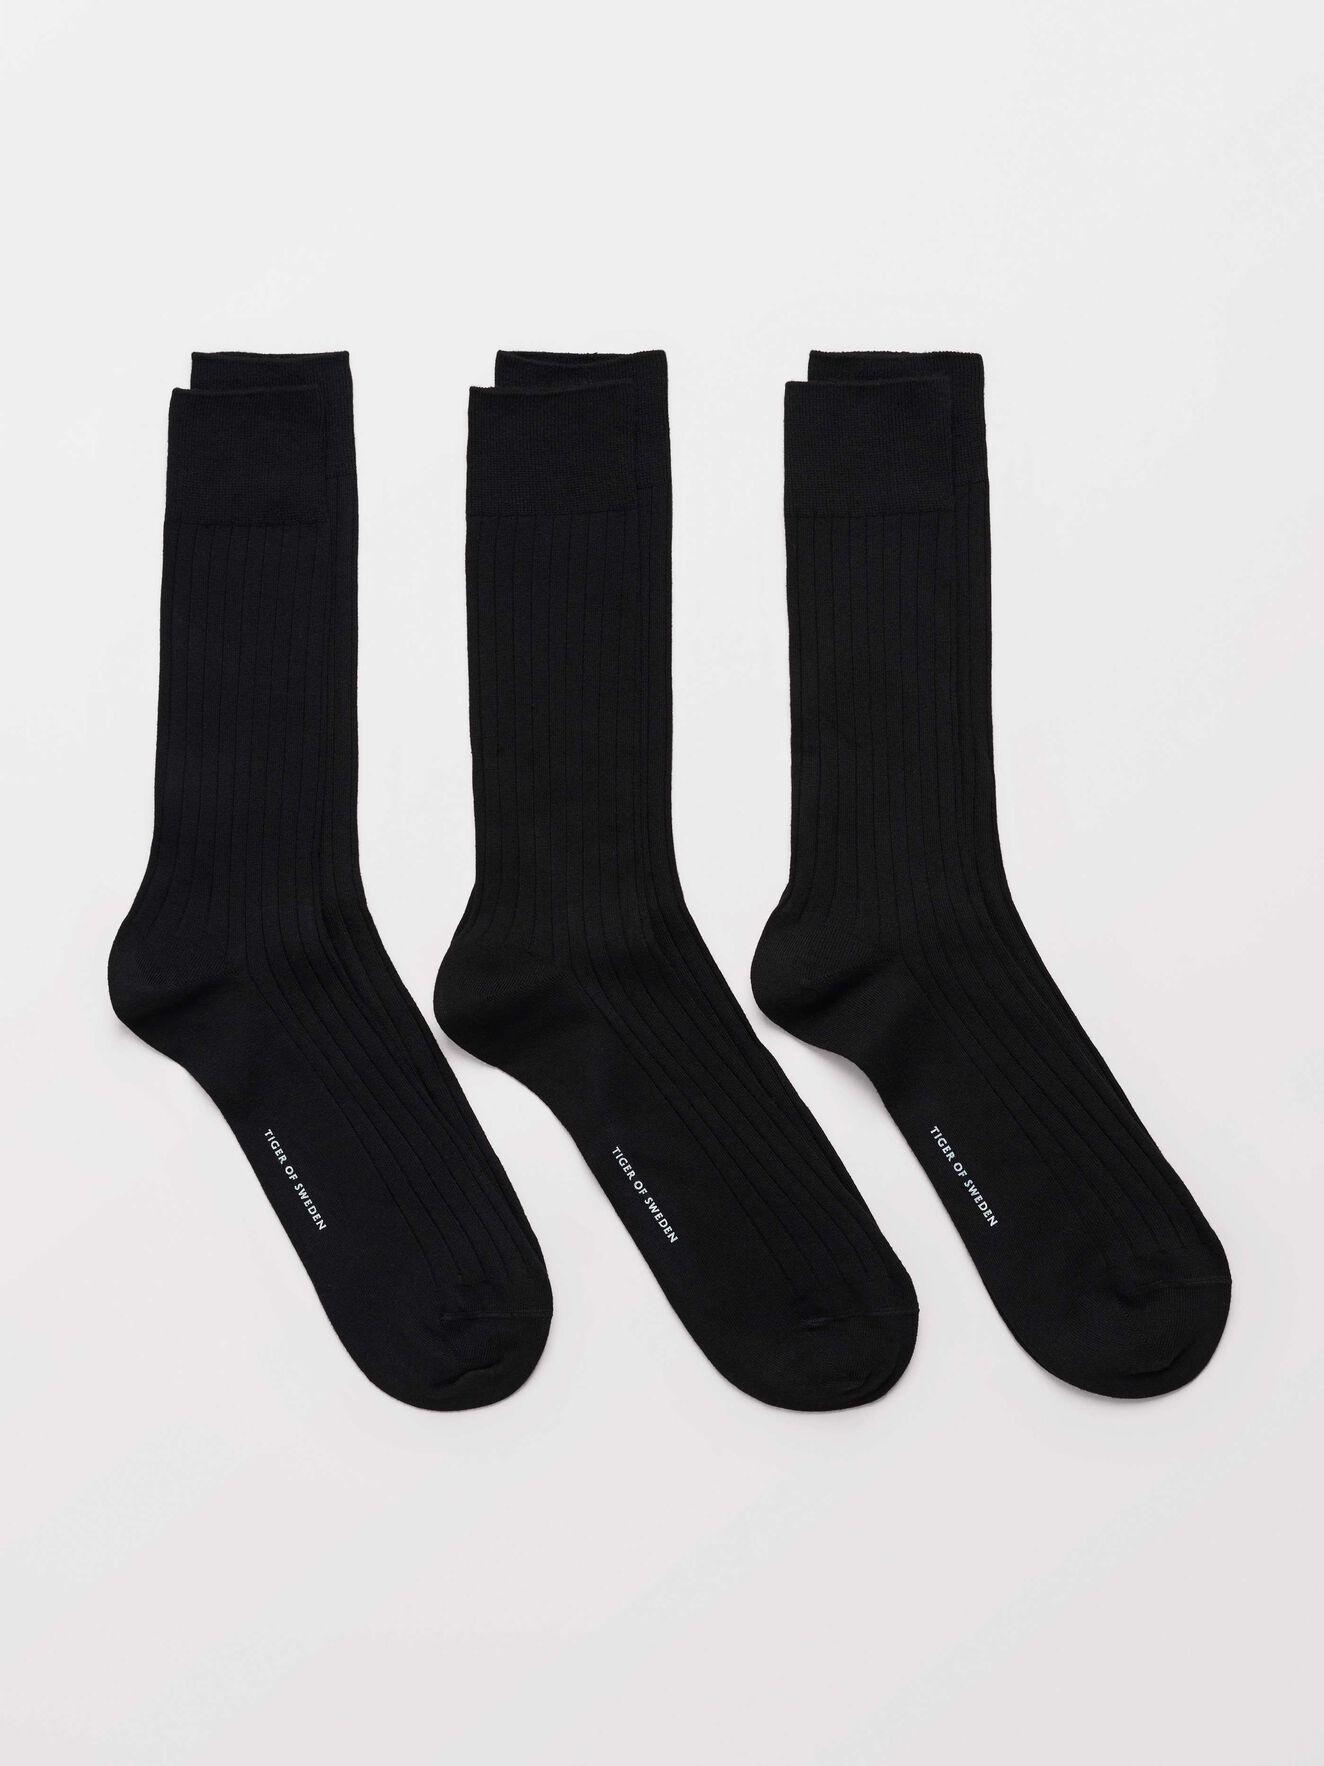 Reigate R3 Socks in Black from Tiger of Sweden